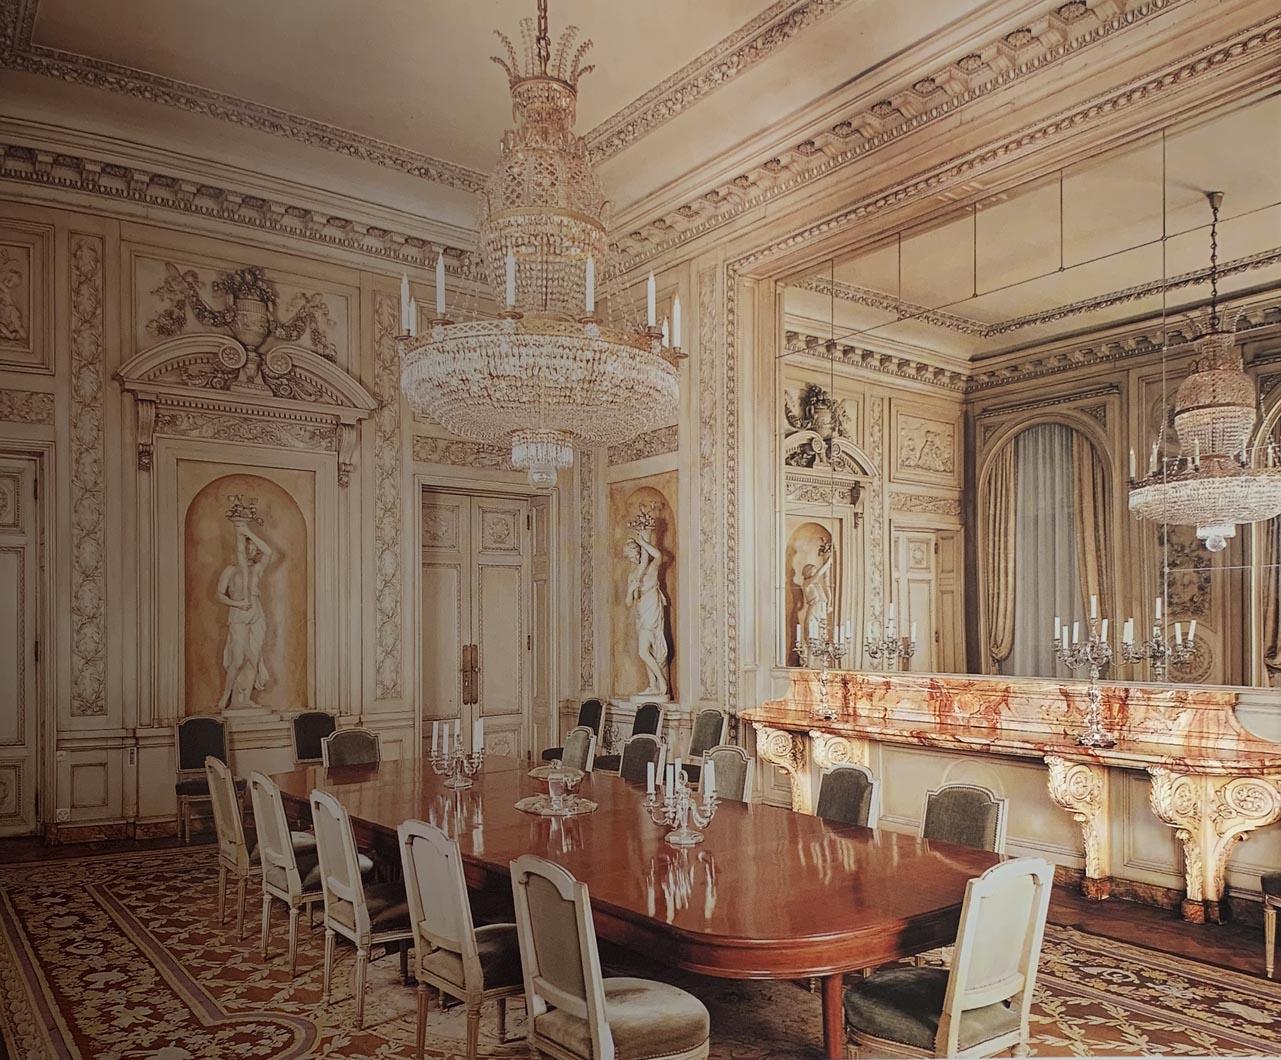 Console-desserte dans la salle à manger de l'hôtel d'Aumont remonté à l'hôtel de La Tour d'Auvergne, Ambassade du Chili